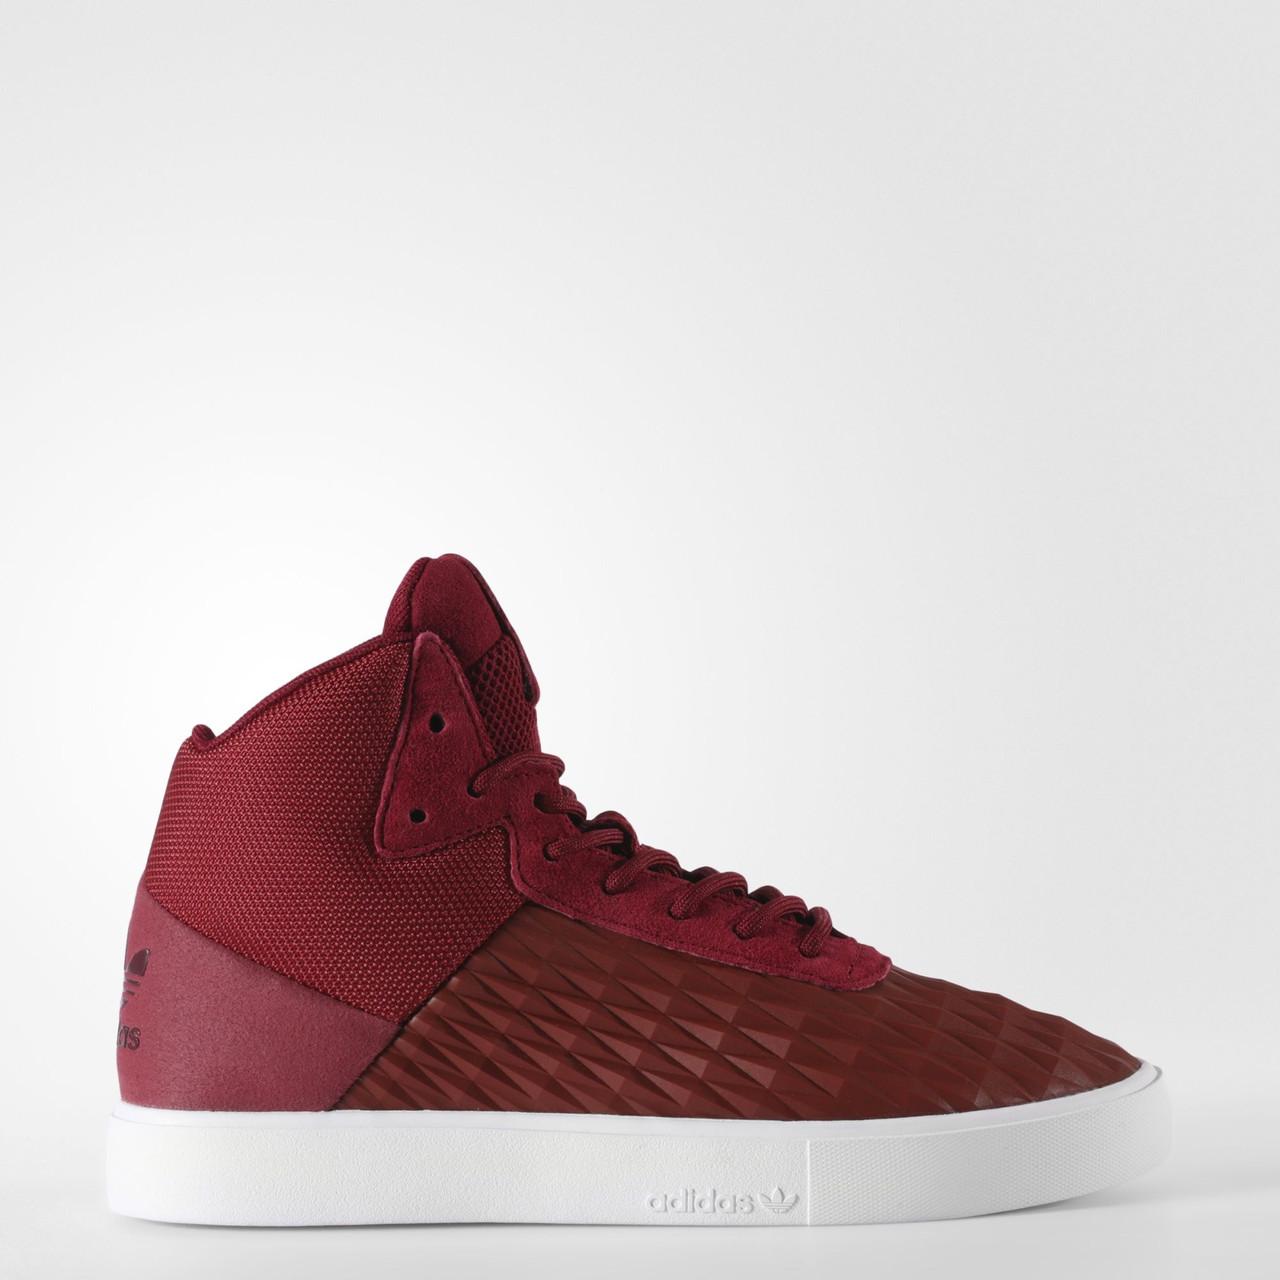 444c6f4e Купить Детские кроссовки Adidas Originals Splendid (Артикул: BB8846 ...